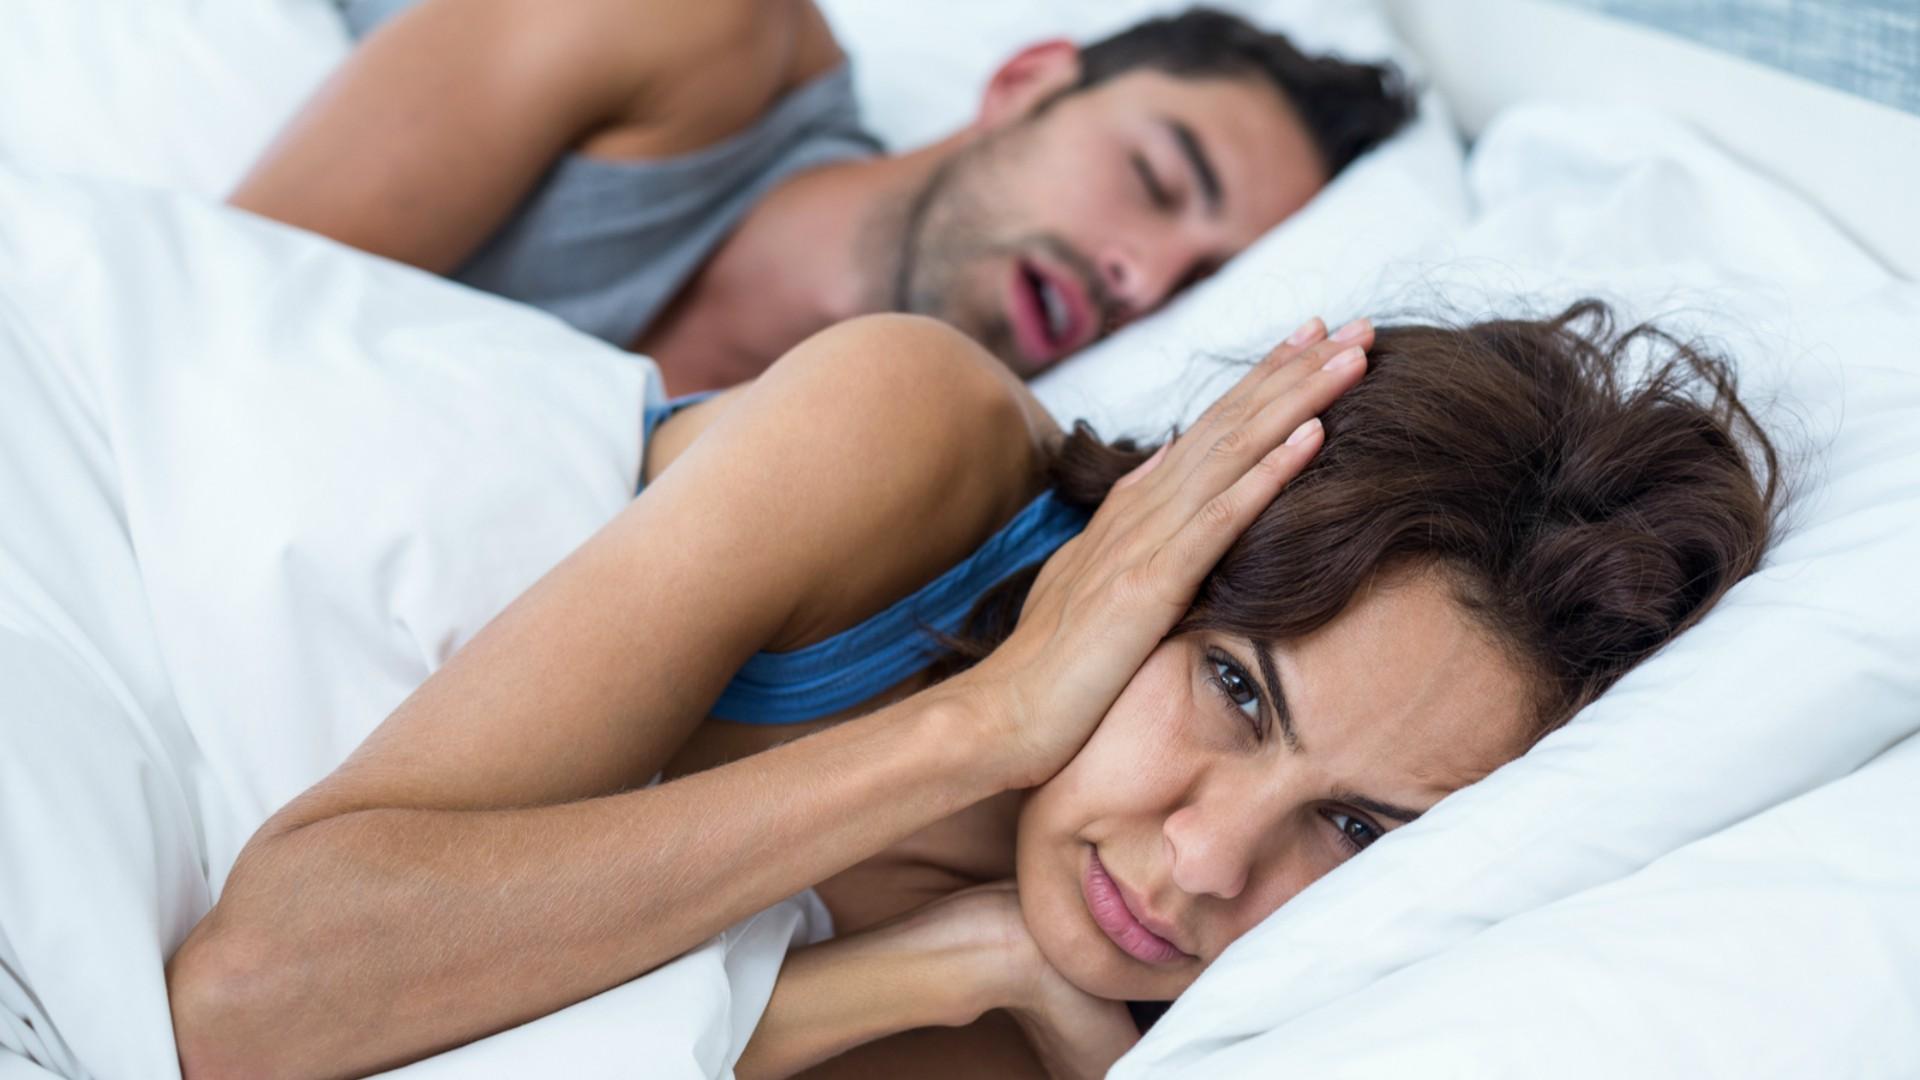 Chrapanie partnera spędza Ci sen z powiek? Wiemy, jak pozbyć się tego problemu raz na zawsze